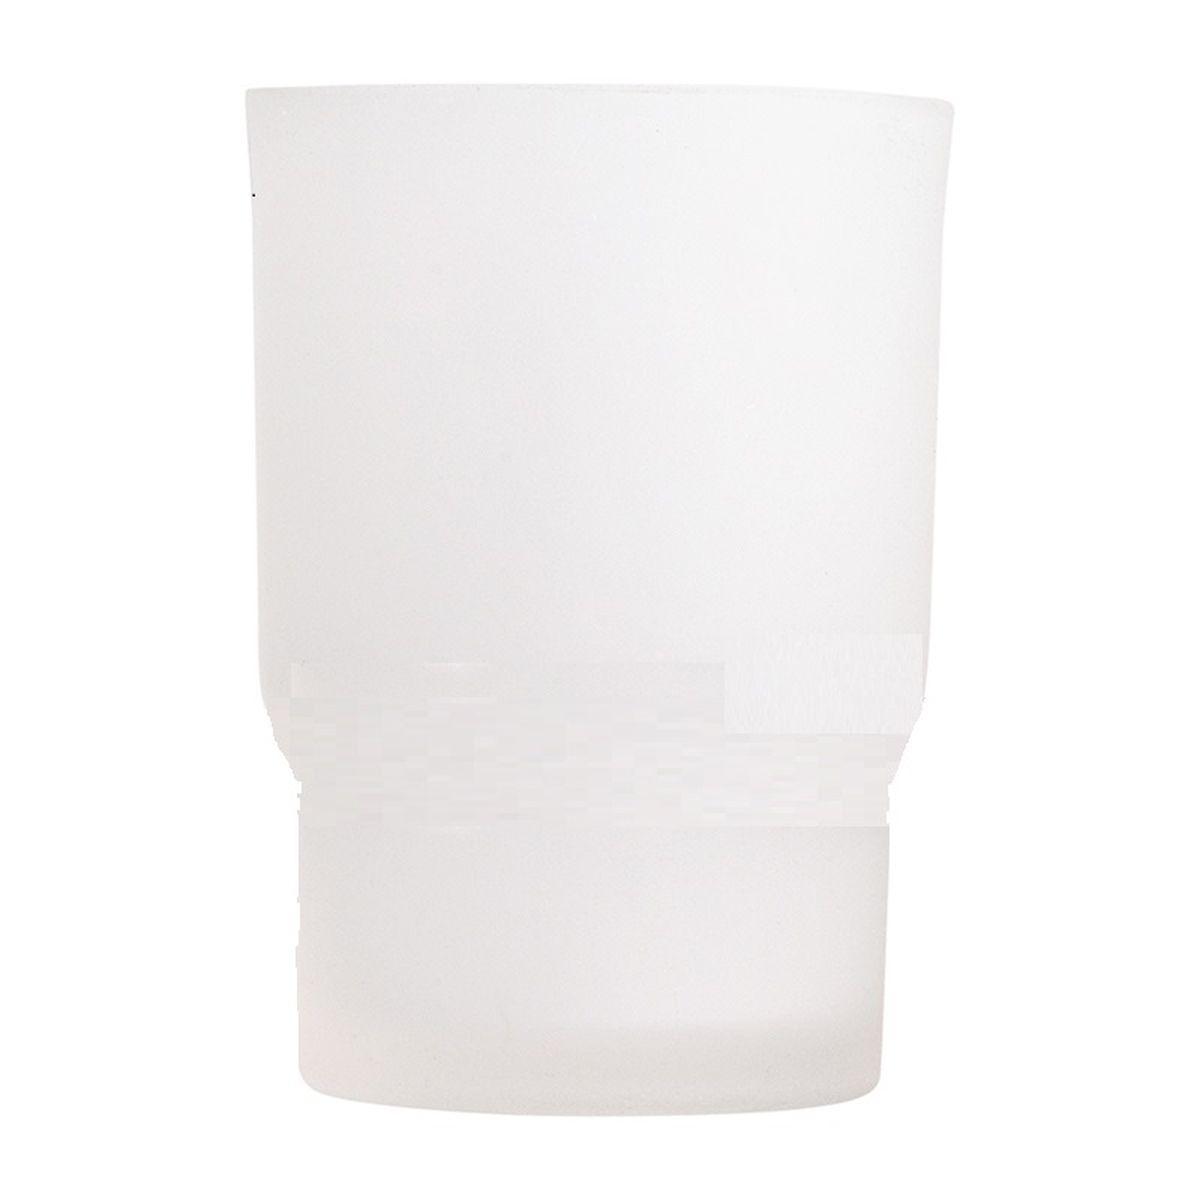 Стакан для ванной комнаты Vanstore Овал, 6,7 х 6,7 х 9,5 см003-20Стакан для ванной комнаты Vanstore Овал изготовлен из высококачественного матового стекла. В стакане удобно хранить зубные щетки, тюбики с зубной пастой и другие принадлежности. Такой аксессуар для ванной комнаты стильно украсит интерьер и добавит в обычную обстановку яркие и модные акценты. Изделие отлично сочетается с другими аксессуарами из коллекции Овал. Может служит дополнительным стаканом для комплекта 003-23.